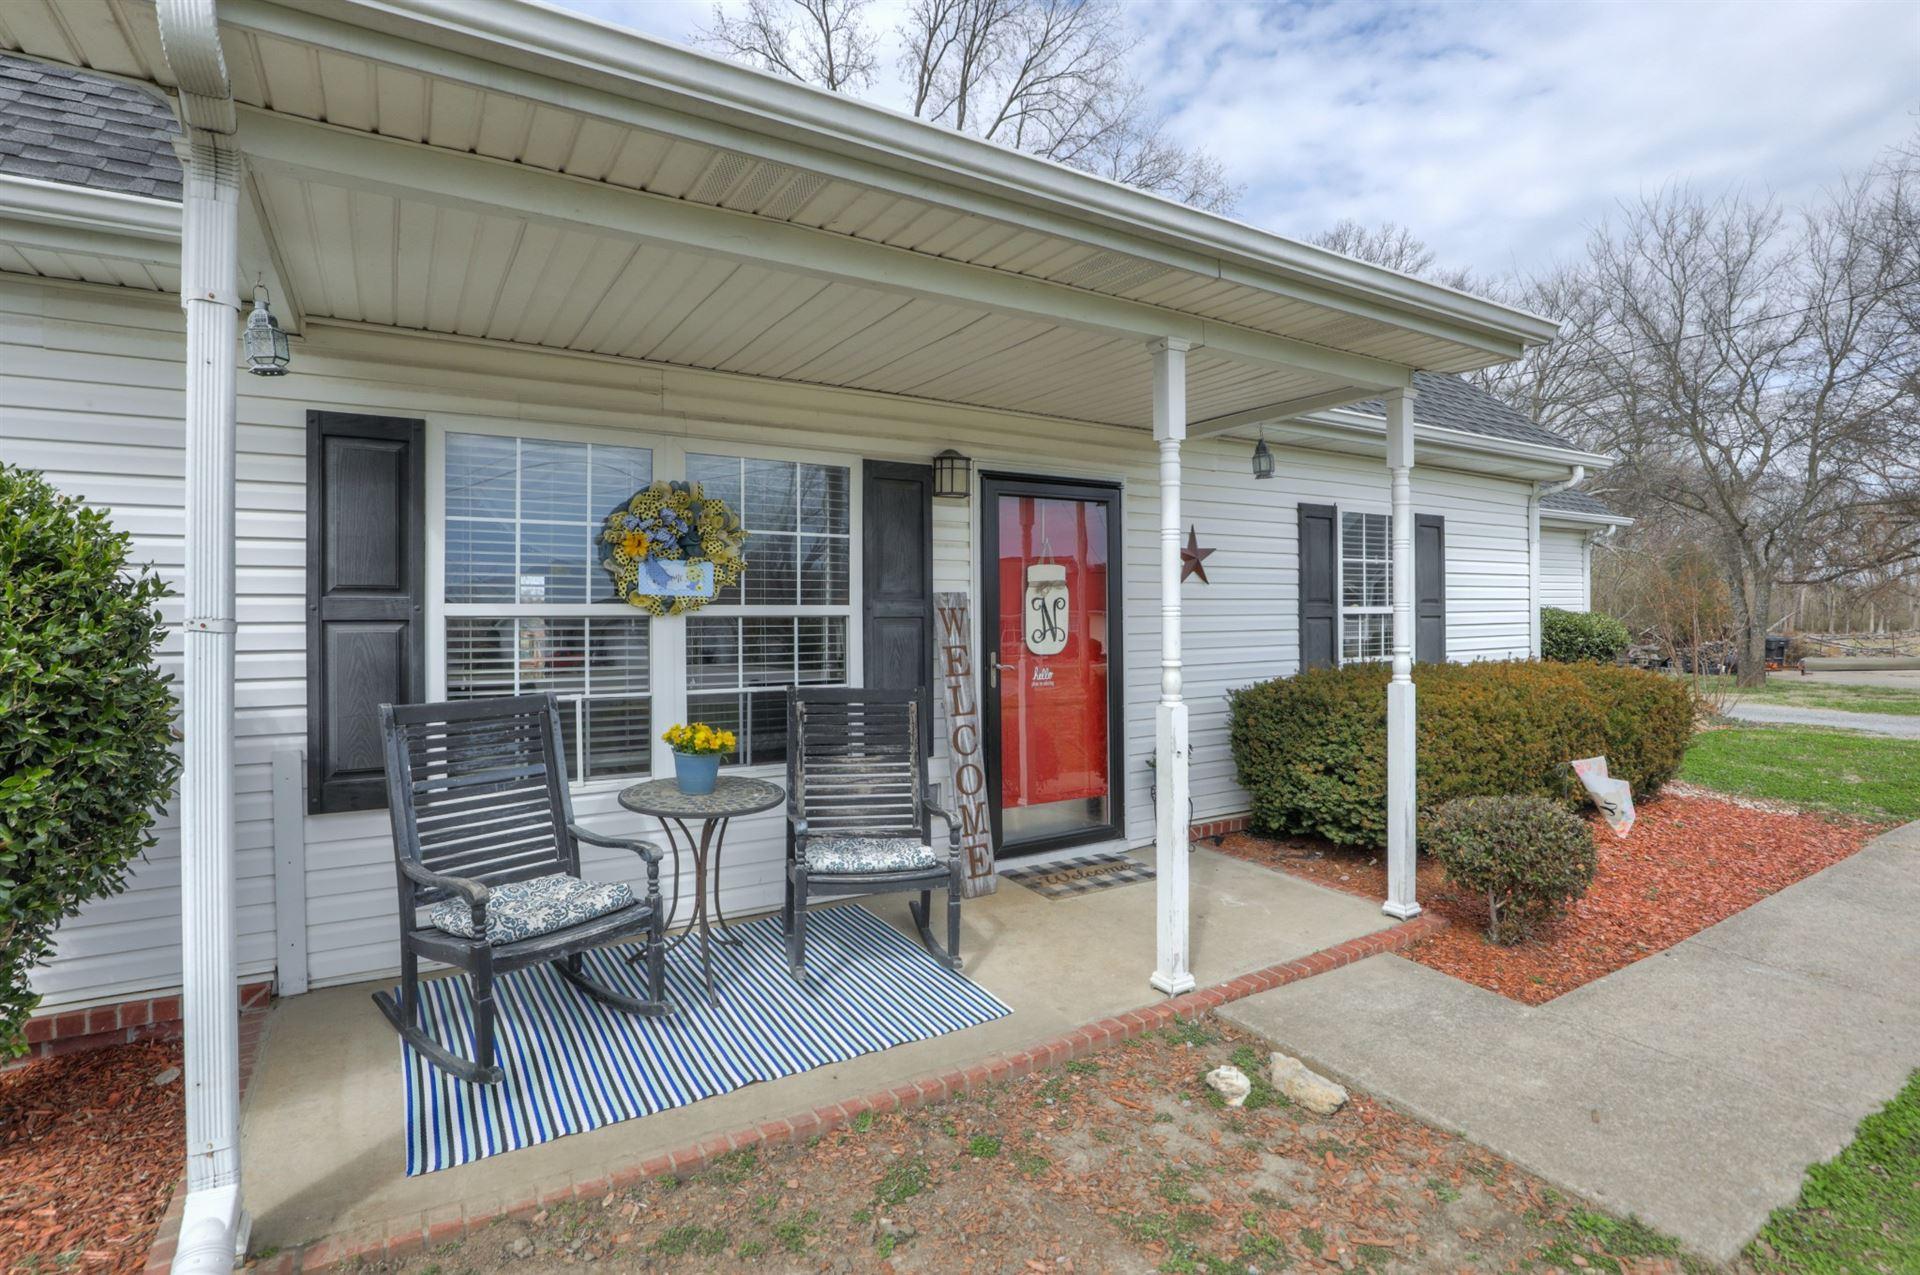 Photo of 3521 Crape Cir, Murfreesboro, TN 37129 (MLS # 2244371)